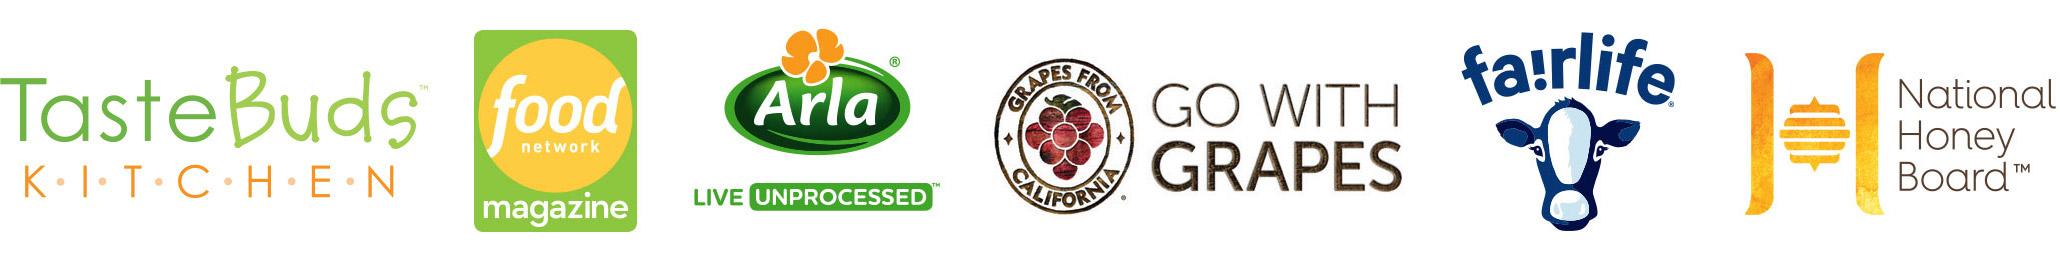 food network magazine tastebuds kitchen logos